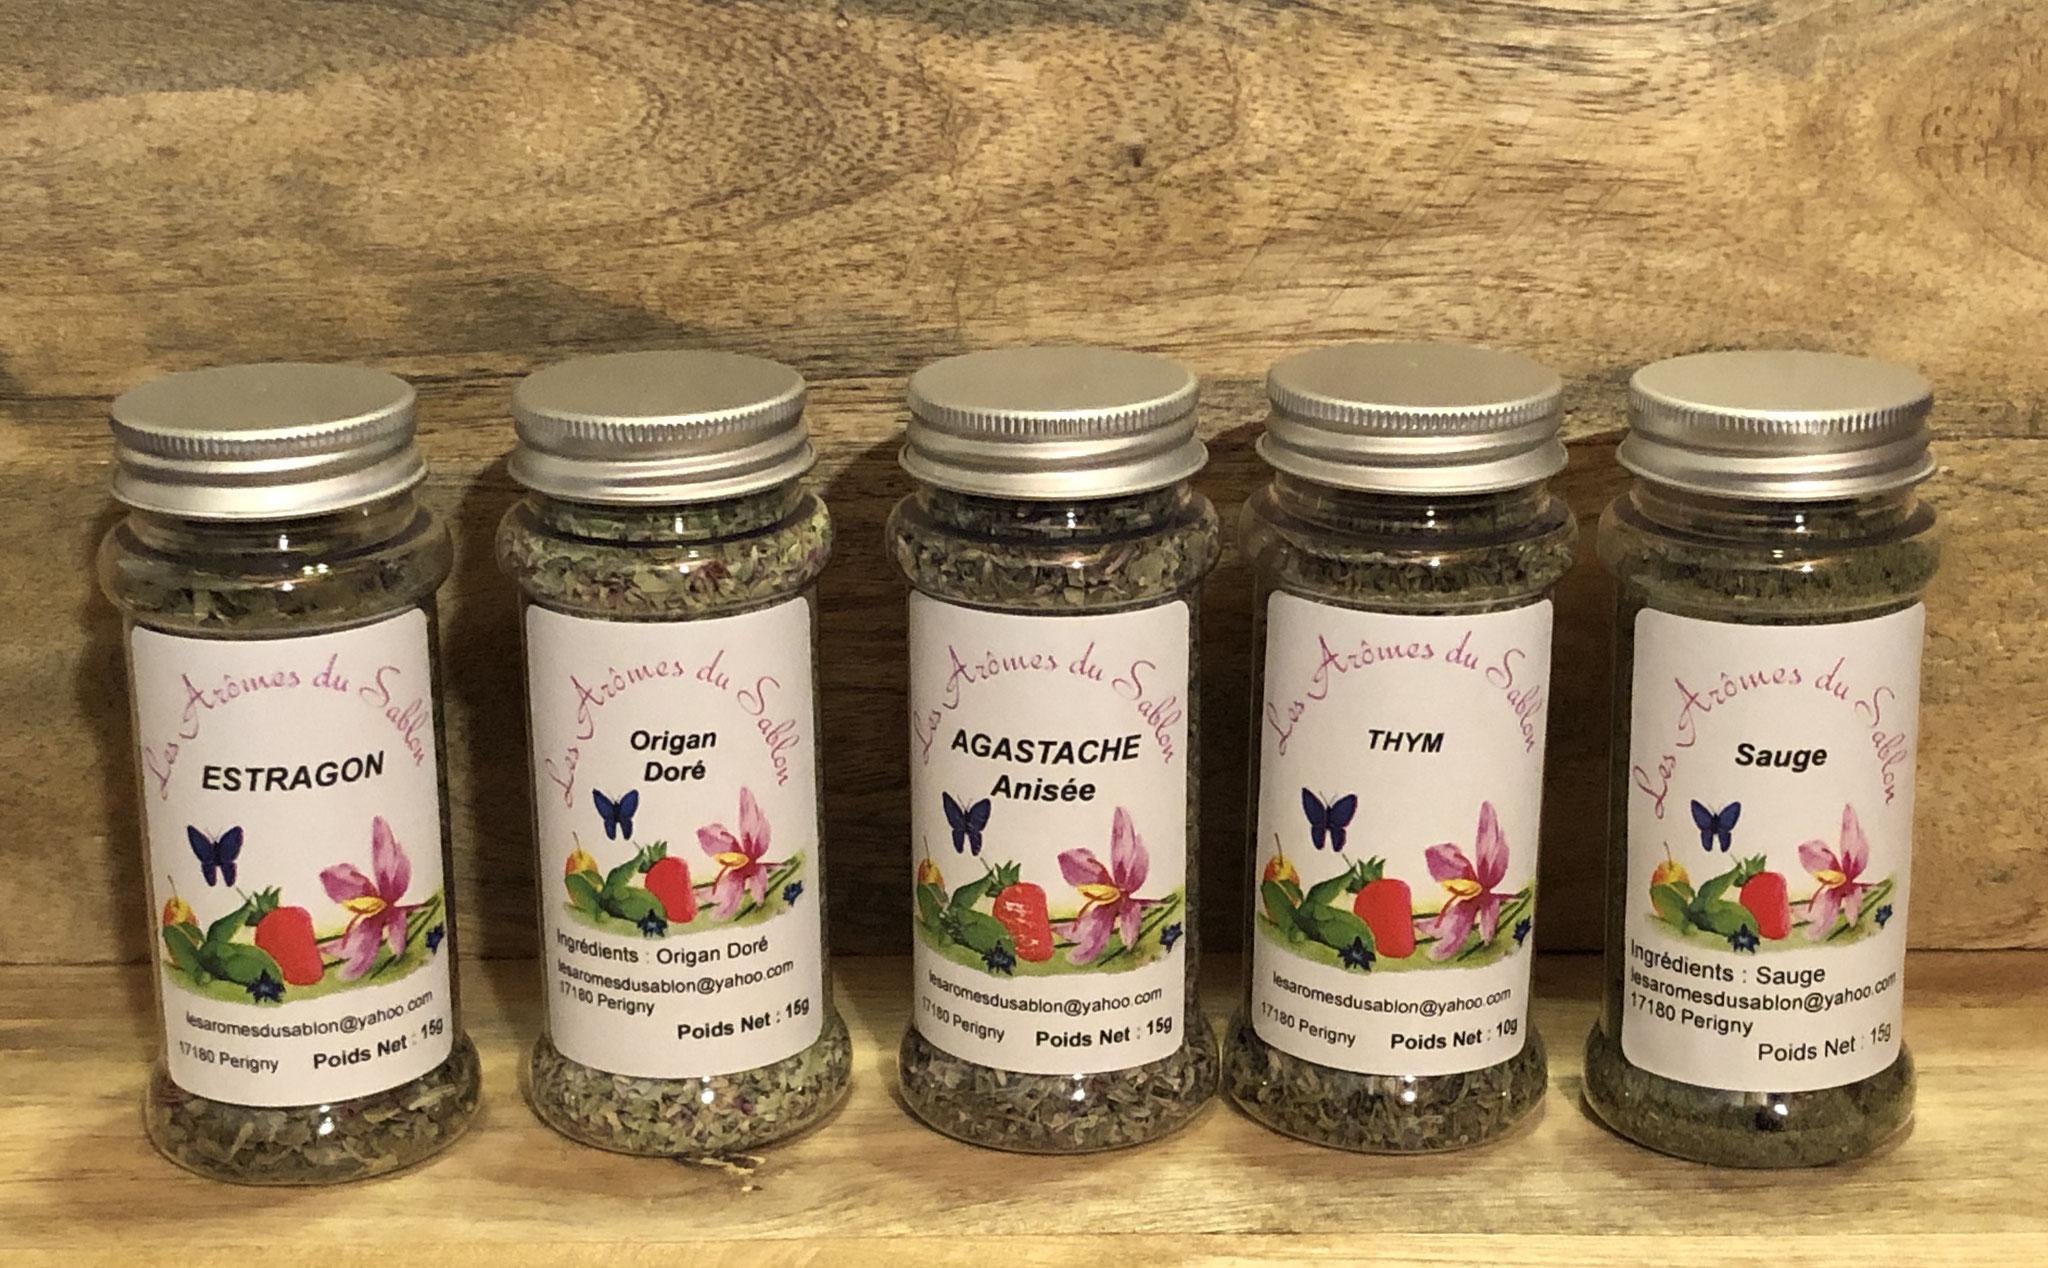 Les Pots Aromates